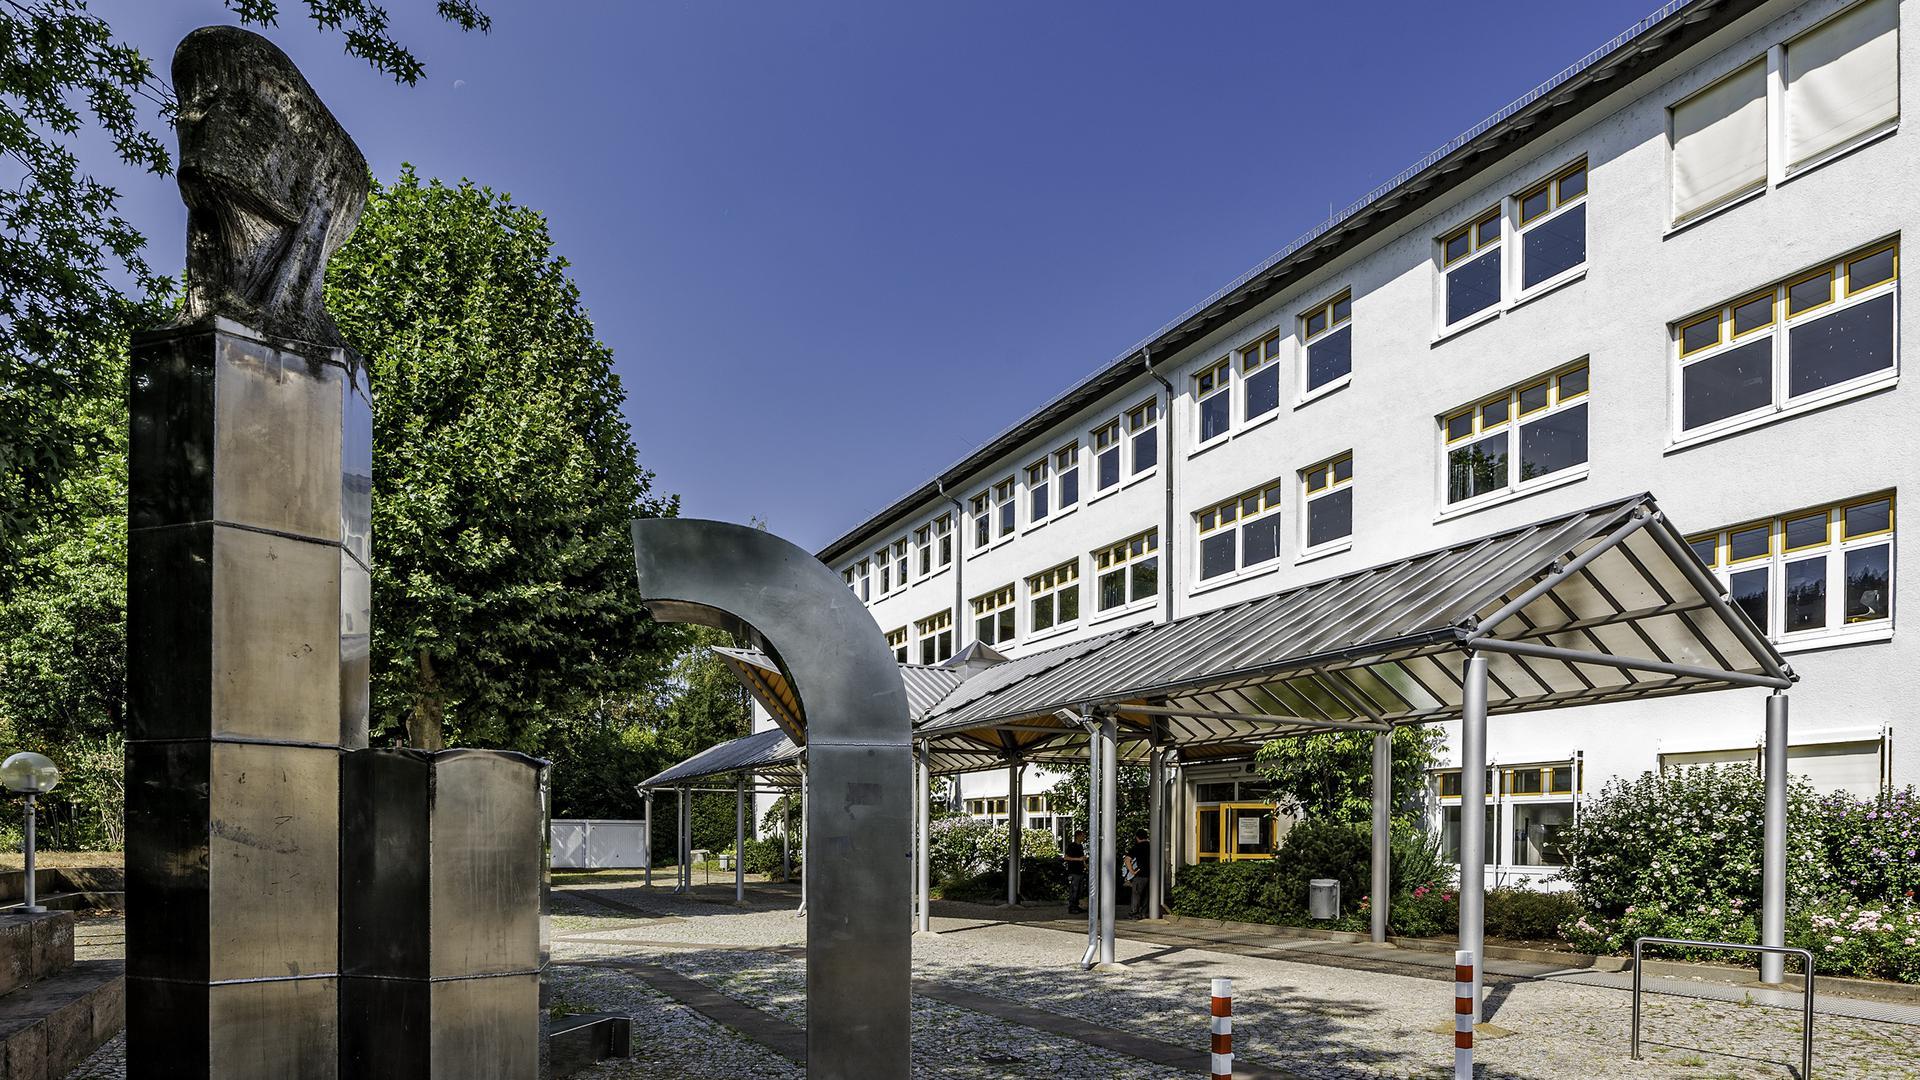 Handelslehranstalt HLA Gernsbach